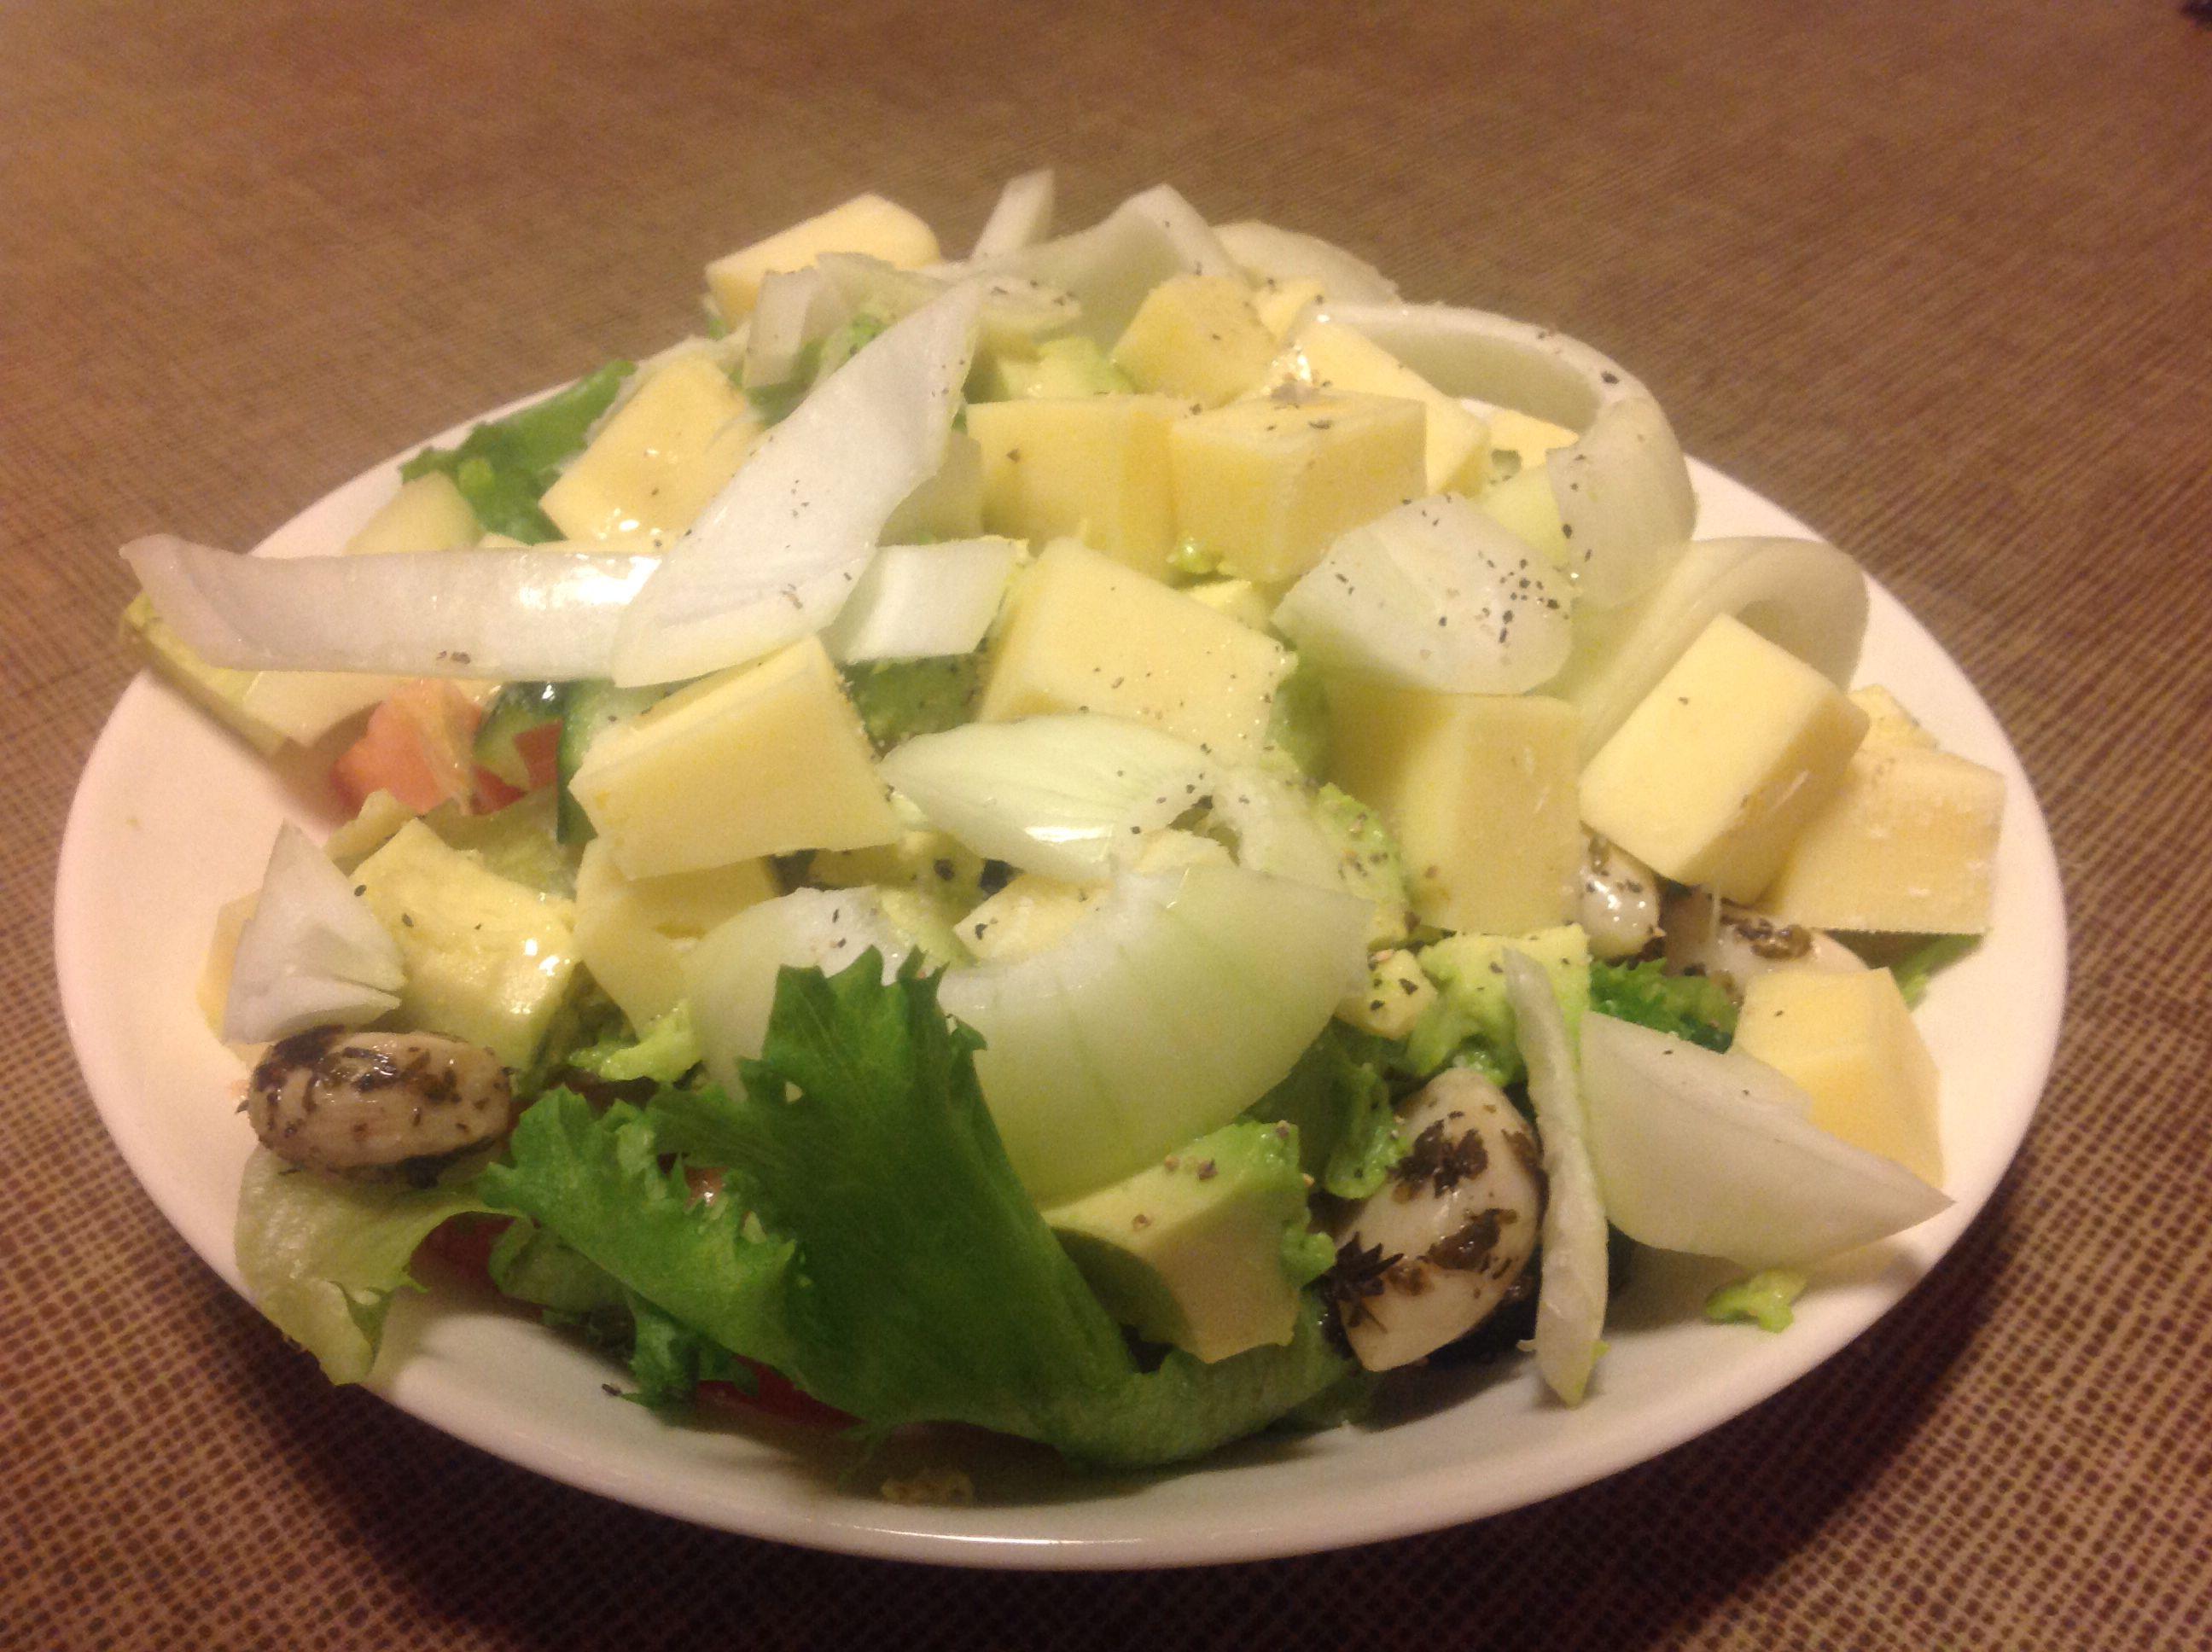 Made by Paavo  Tomaattia, jääsalaattia, kurkkua, avokadoa, marinoituja valkosipulin kynsiä, juustokuutioita, sipulia, sitruunaoliiviöljyä, sitruunapippuria